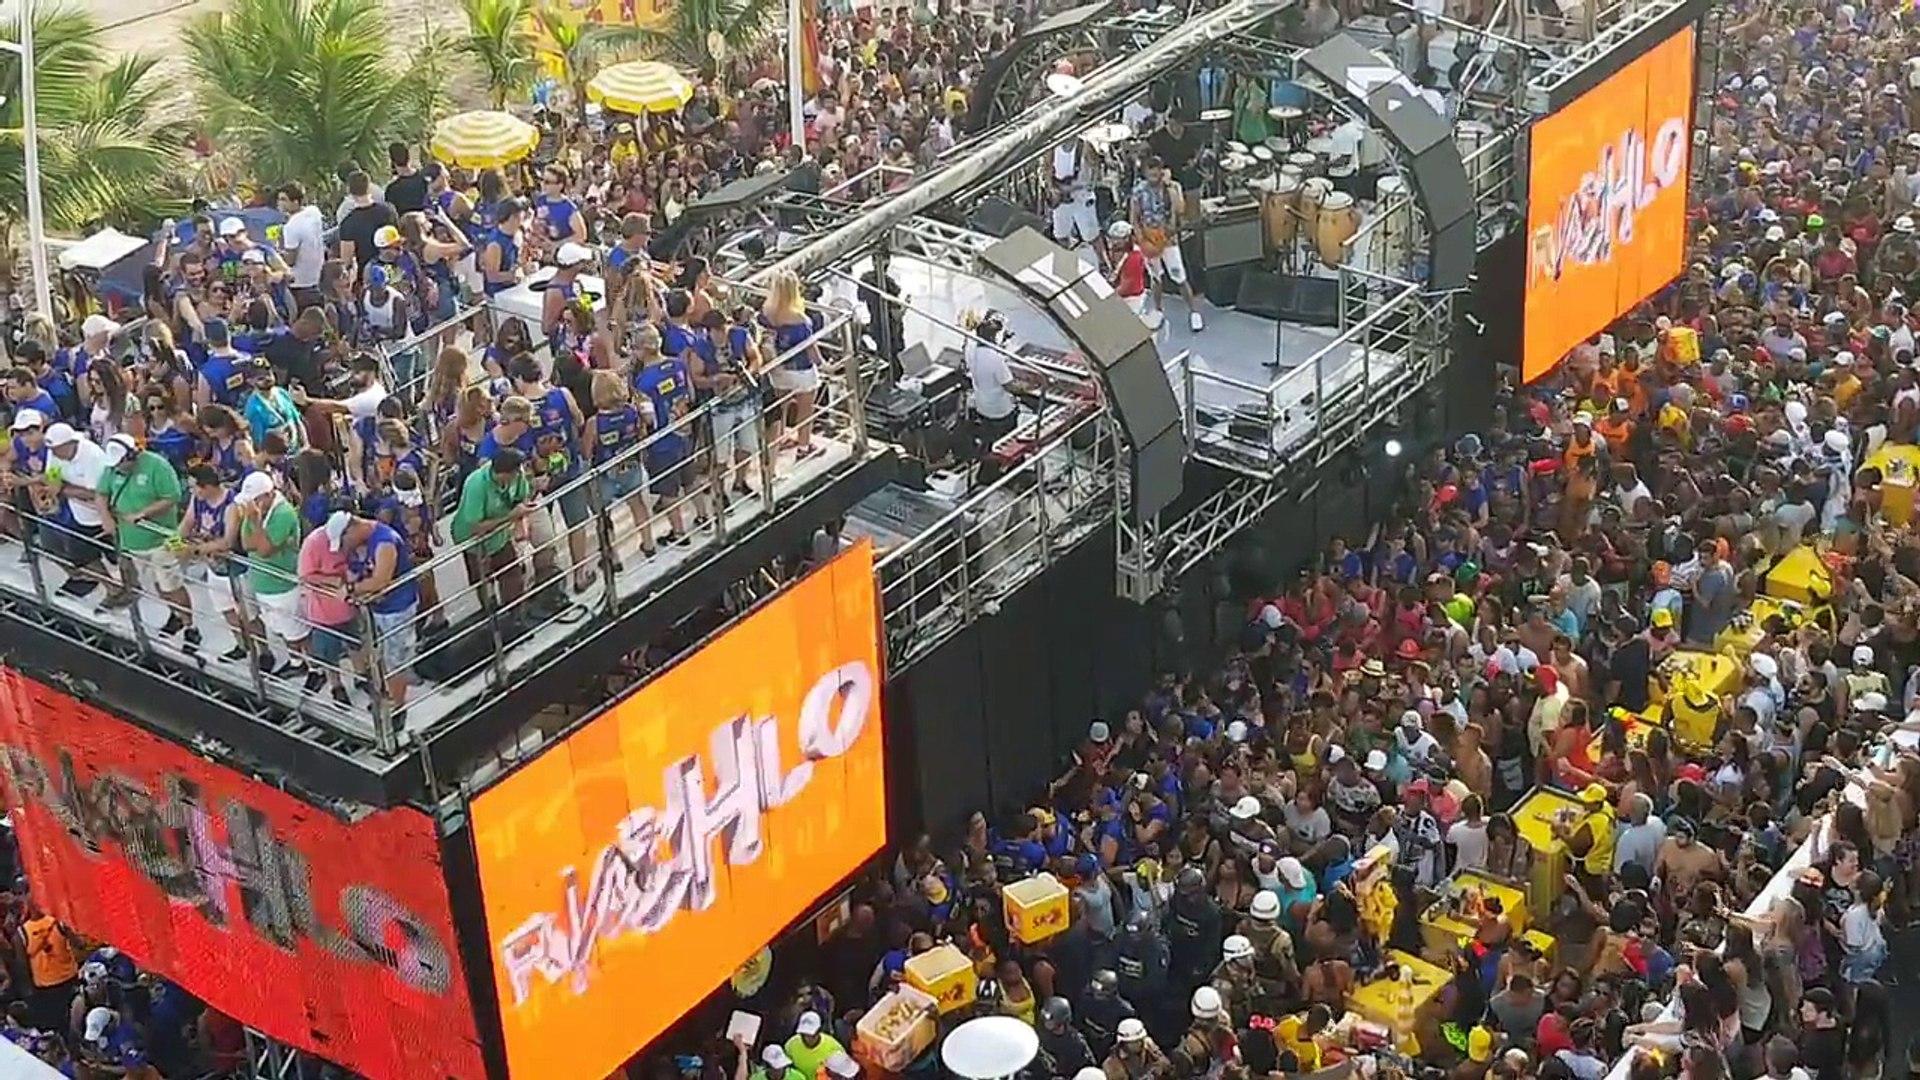 Bell Marques - Paradinha - Harmonia do Samba - Carnaval Salvador 2018_